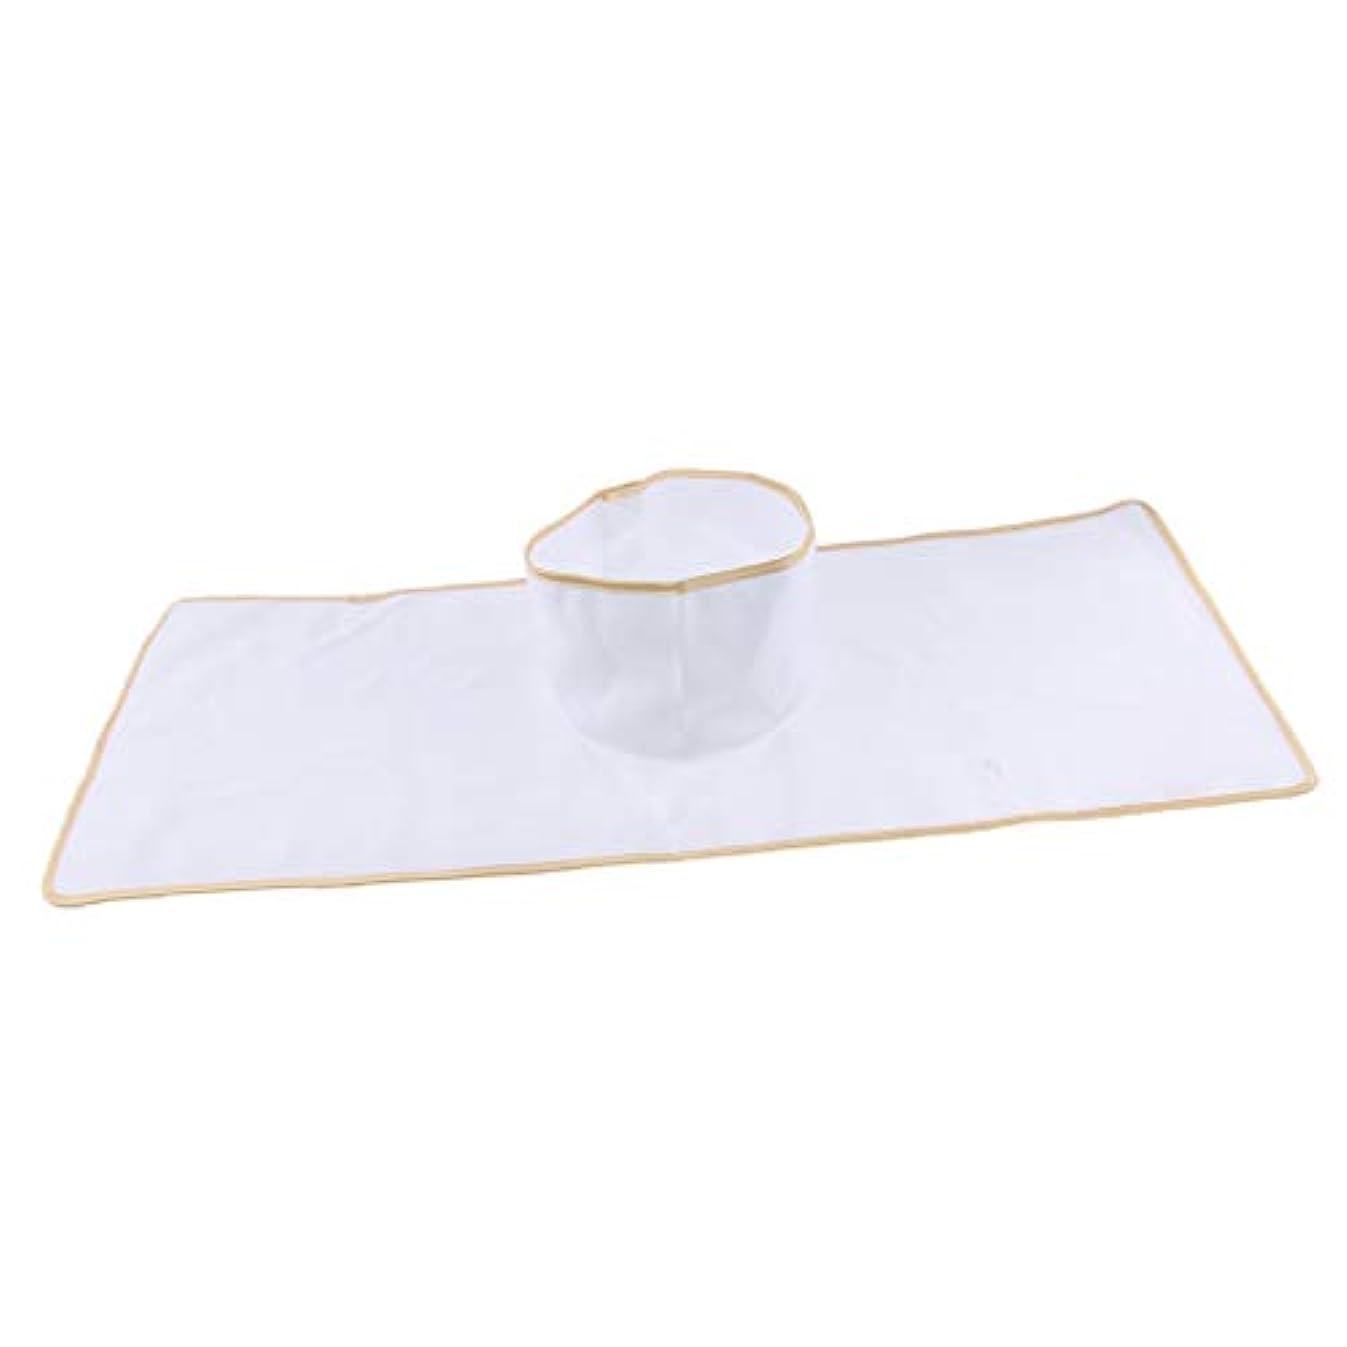 メディックアドバイス鰐サロン マッサージベッドシート 穴付き 衛生パッド 再使用可能 約90×35cm 全3色 - 白